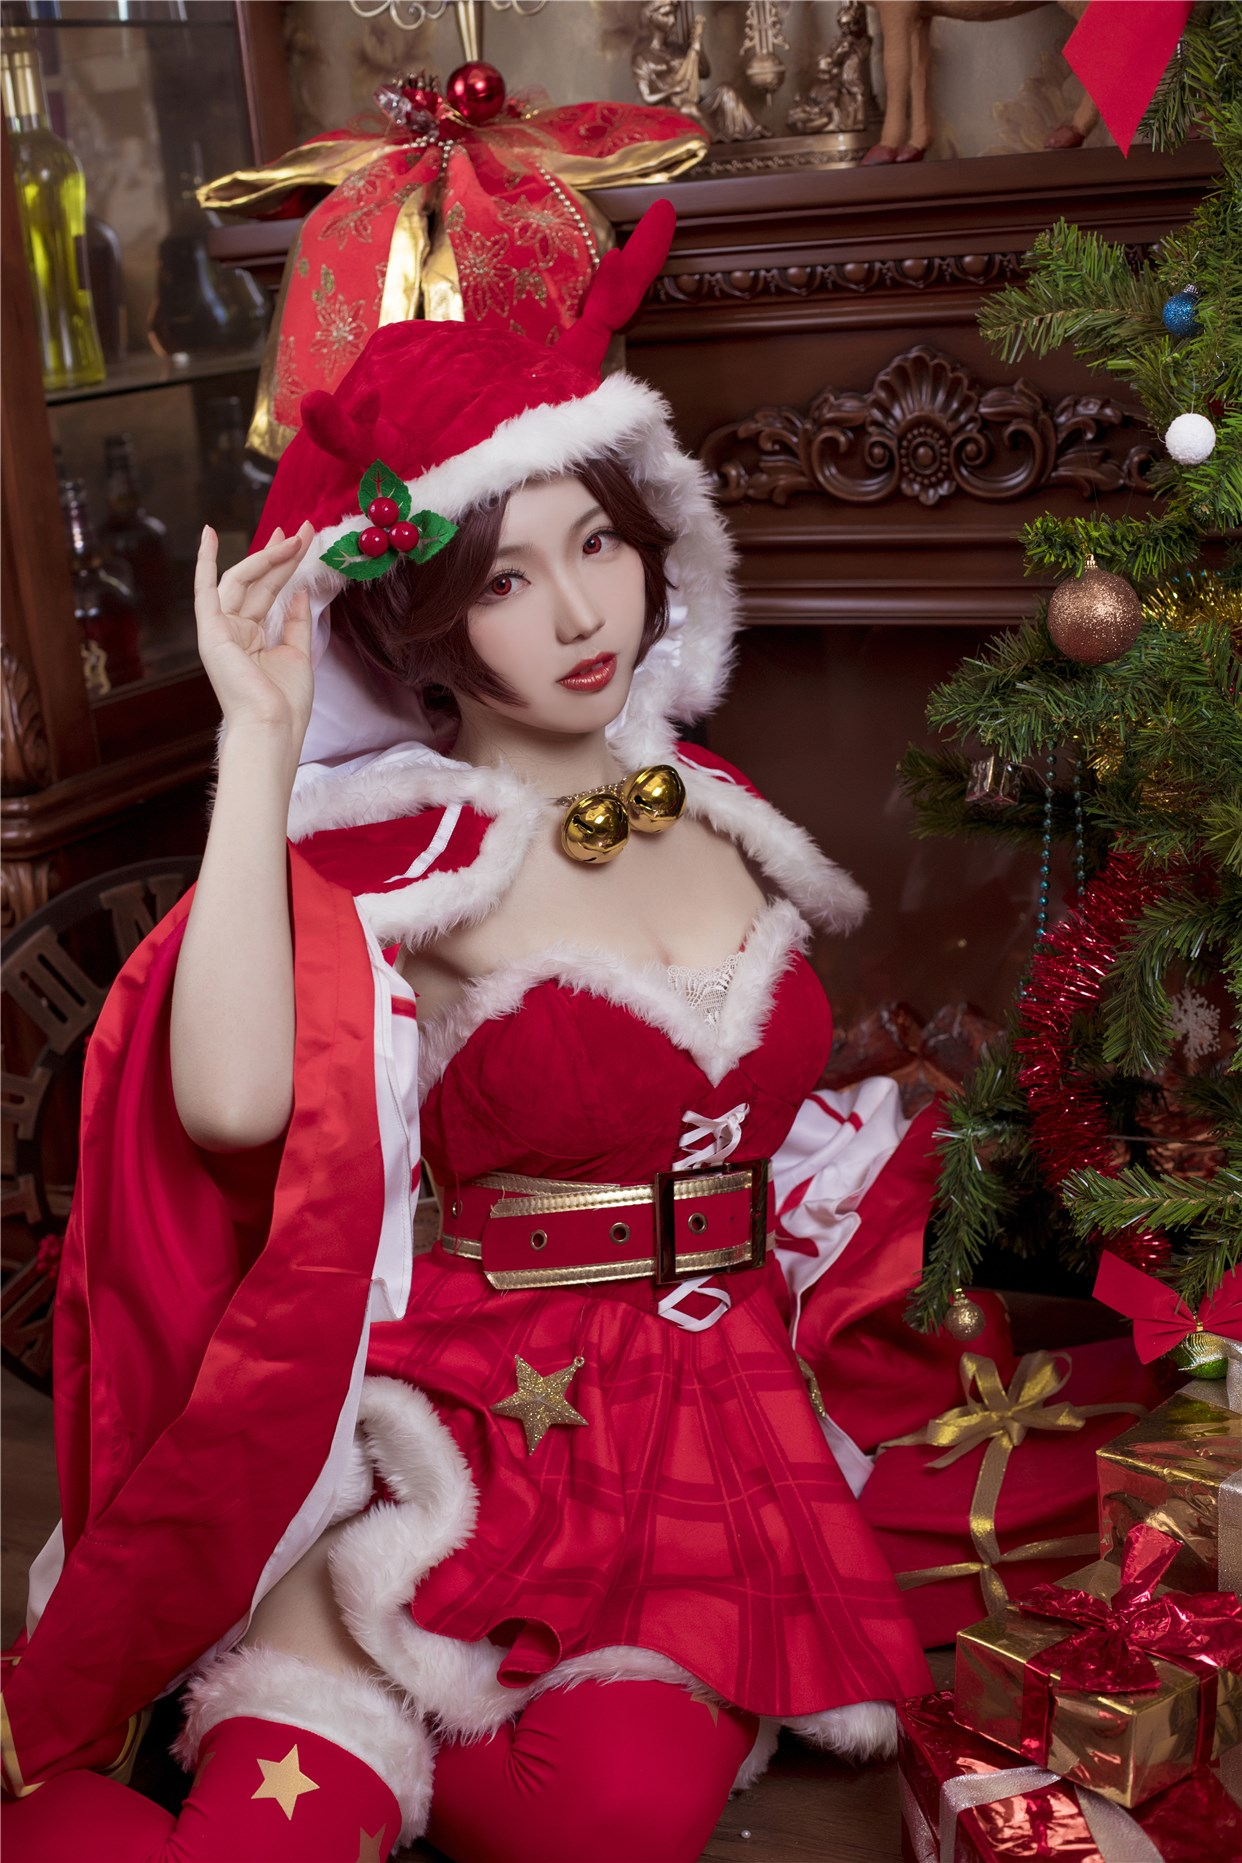 【兔玩映画】圣诞恋歌 兔玩映画 第4张